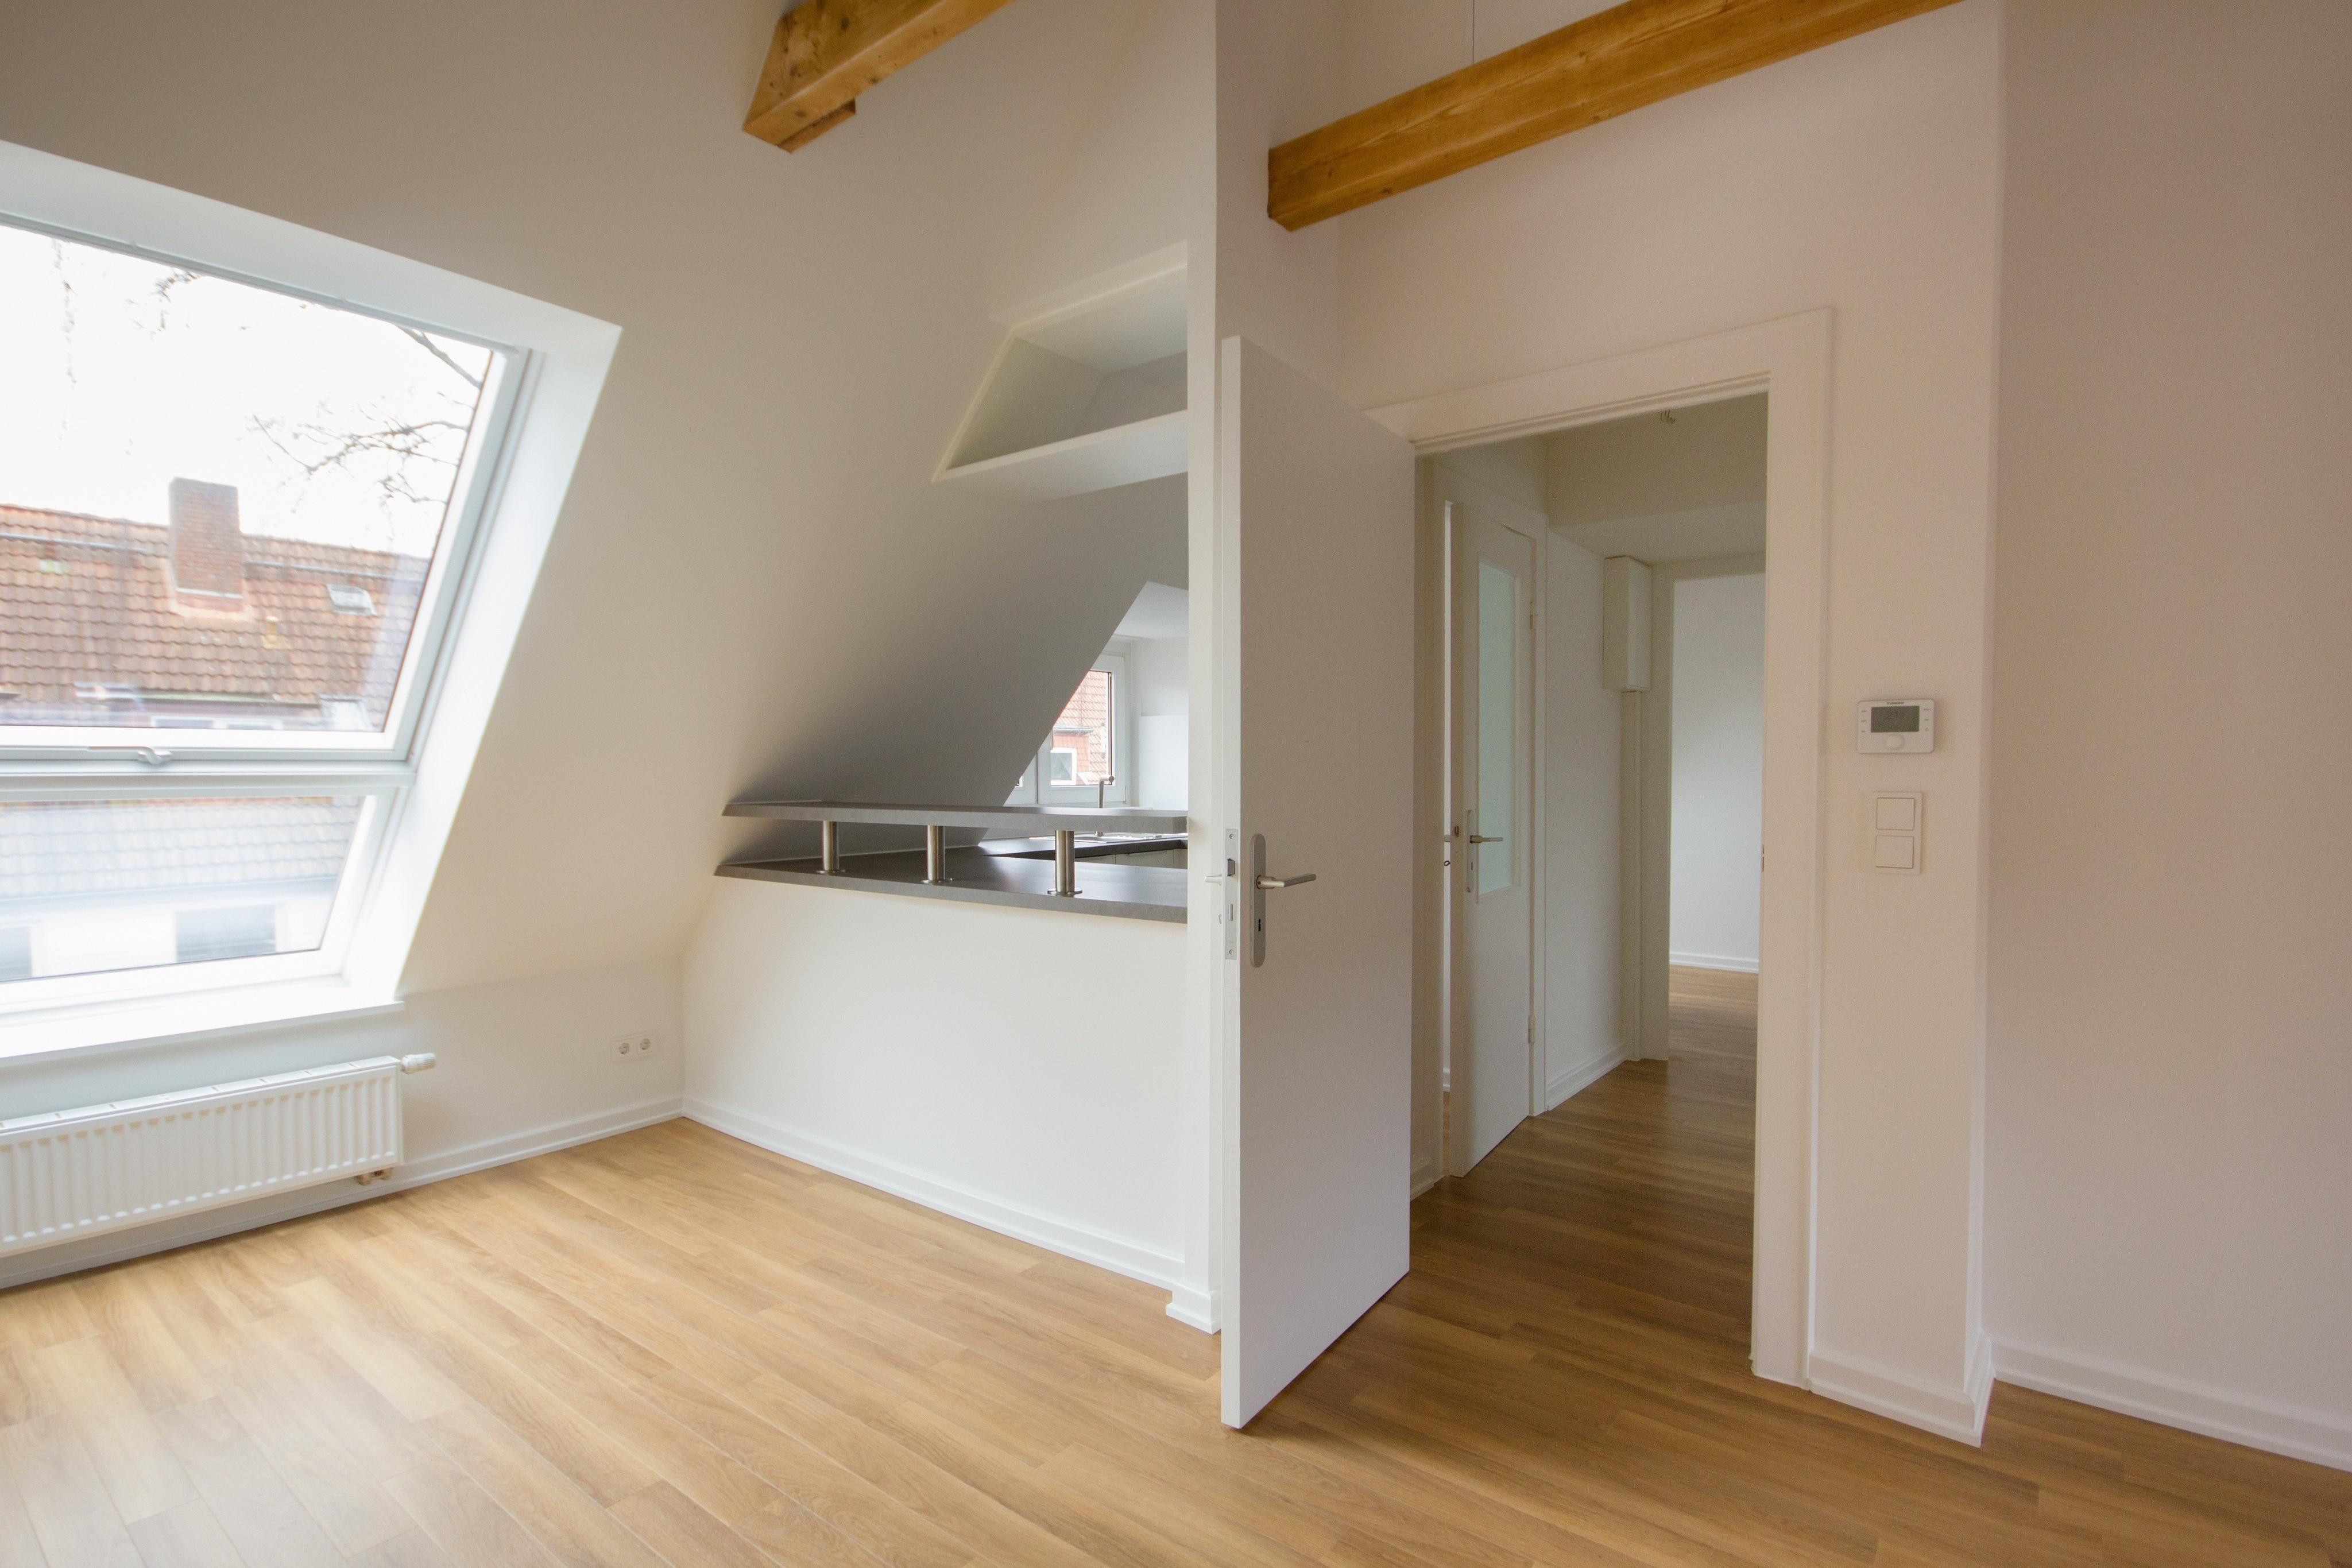 Erweiterung Des Dachgeschosses #dachgeschoss #deckenbalken #offeneküche  #vinylboden #dachgeschossausbau ©Kai Lietzke